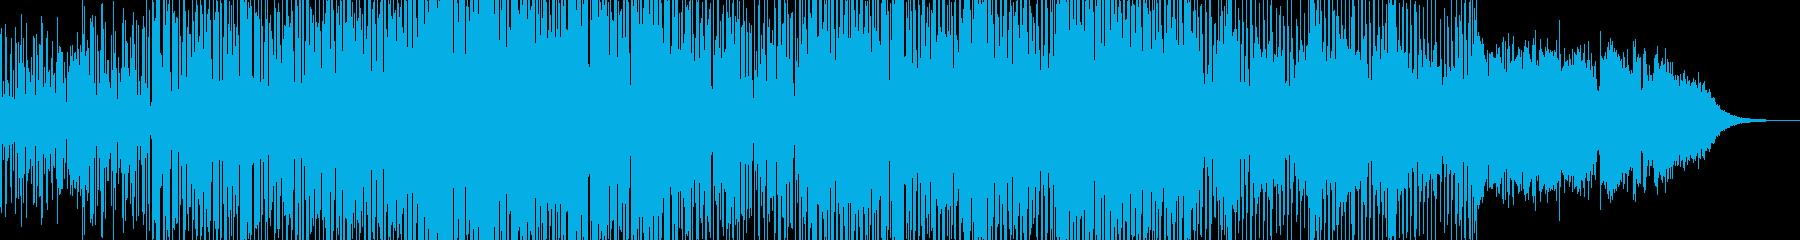 インストゥルメンタル、ロック、バッ...の再生済みの波形